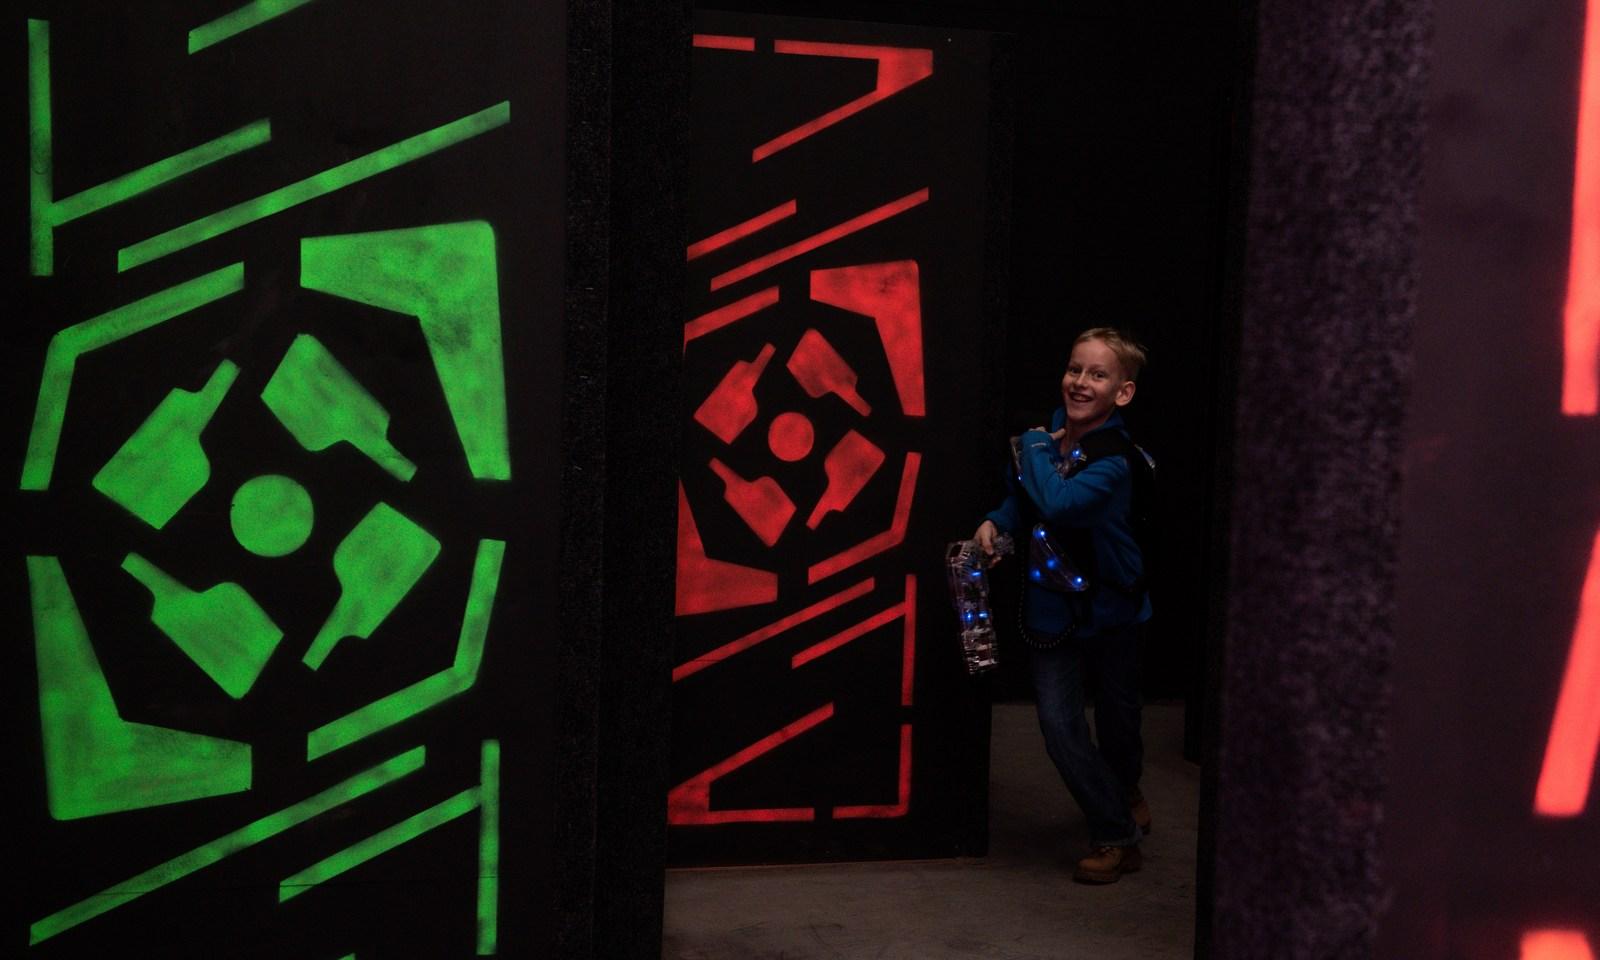 мальчик, школьник, лазертаг, петрозаводск, лазер лэнд, лазерленд, лазерлэнд, laserland, играют в лазертаг